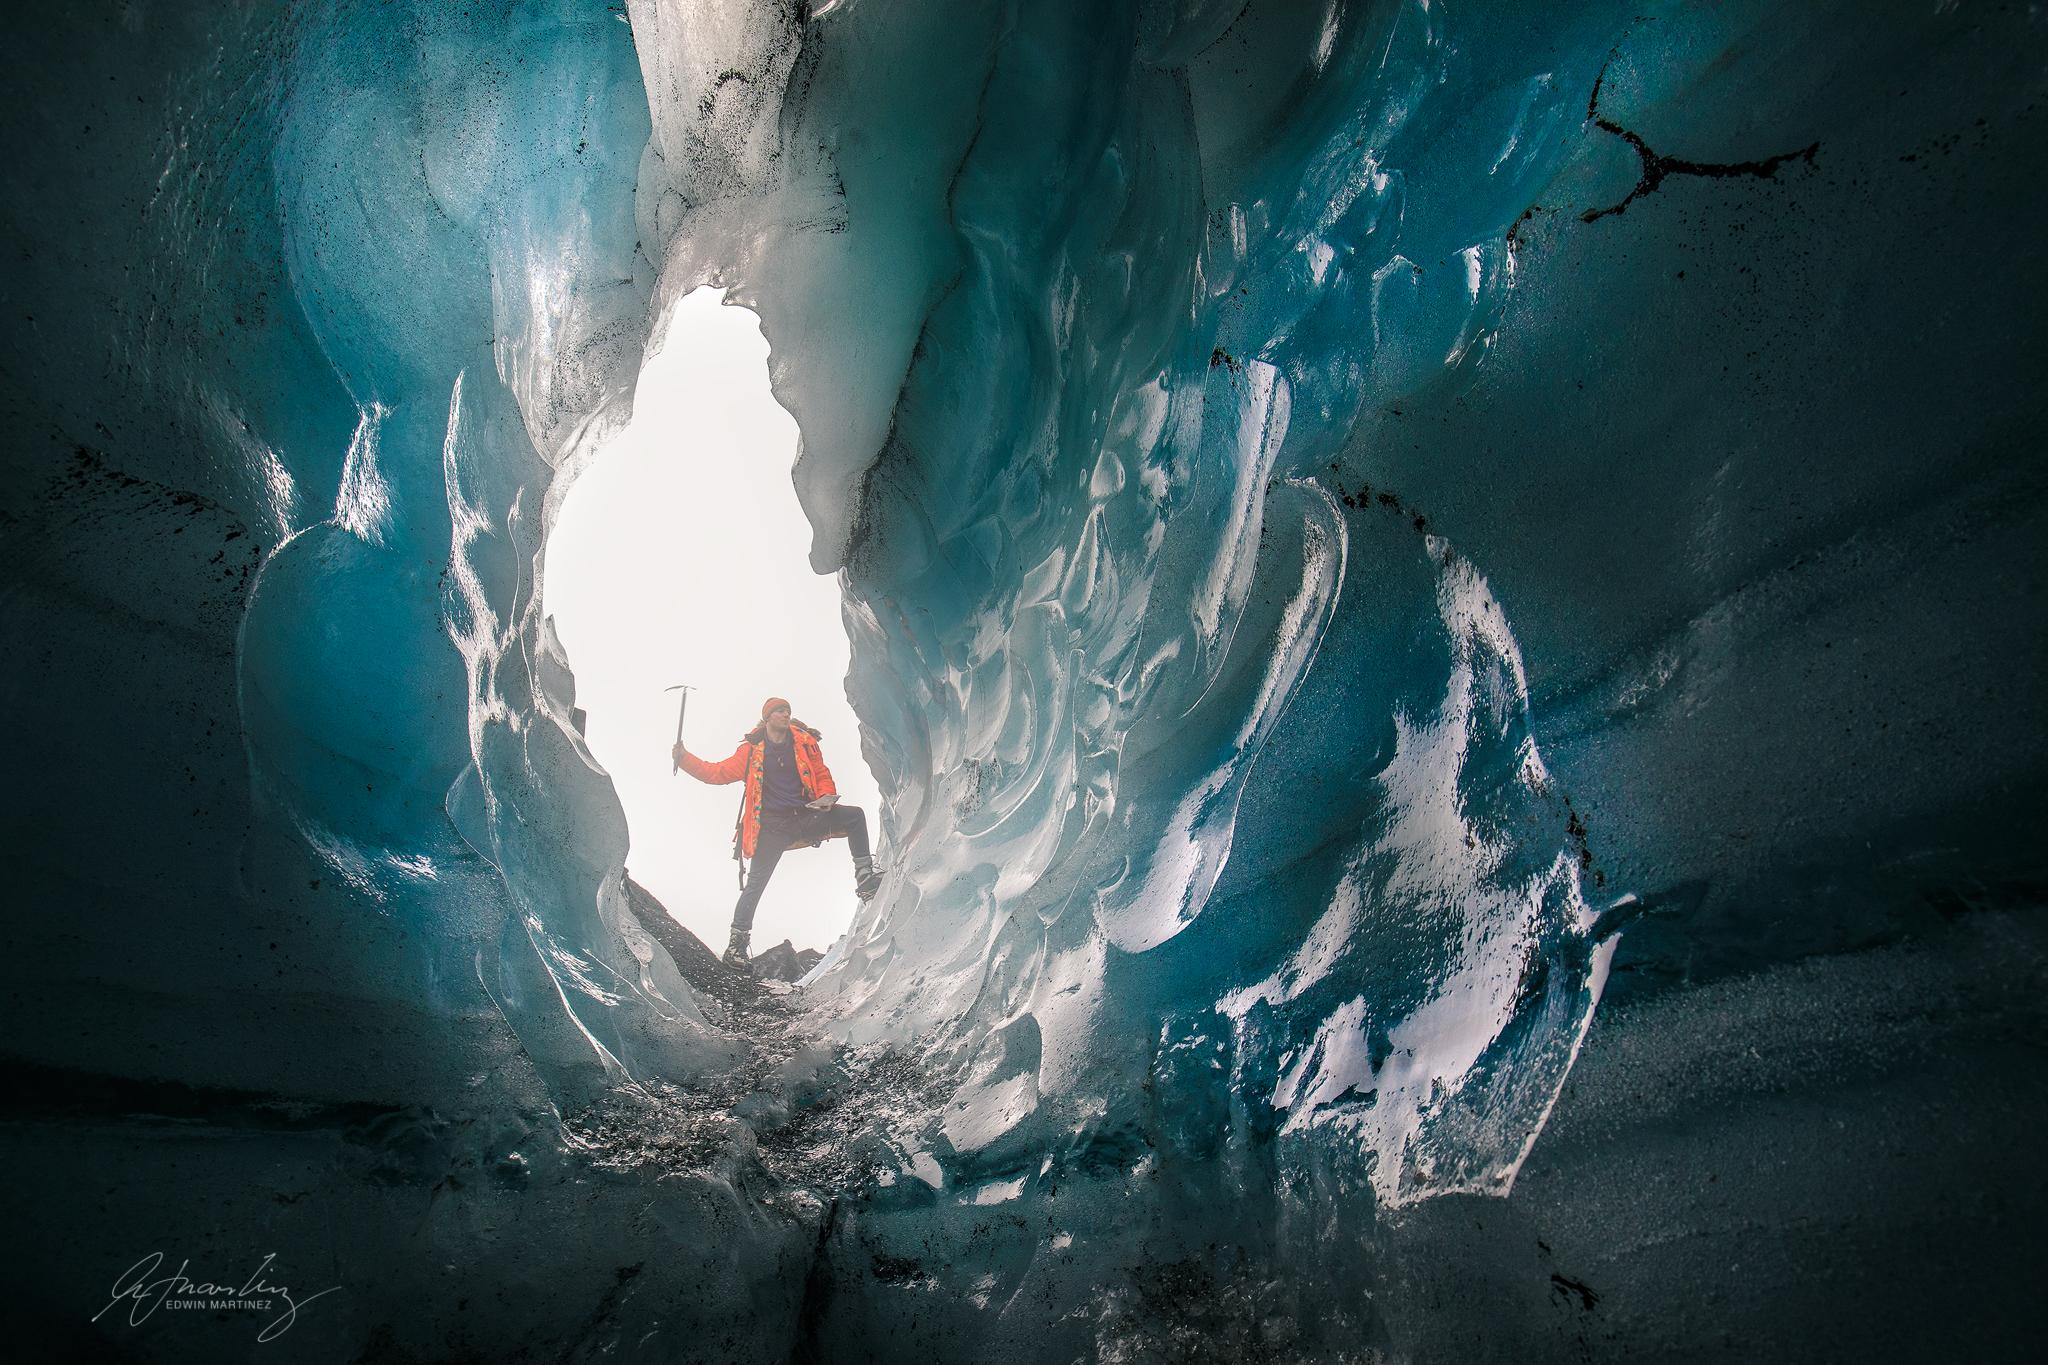 얼음동굴 내부에서 본 외부의 모습